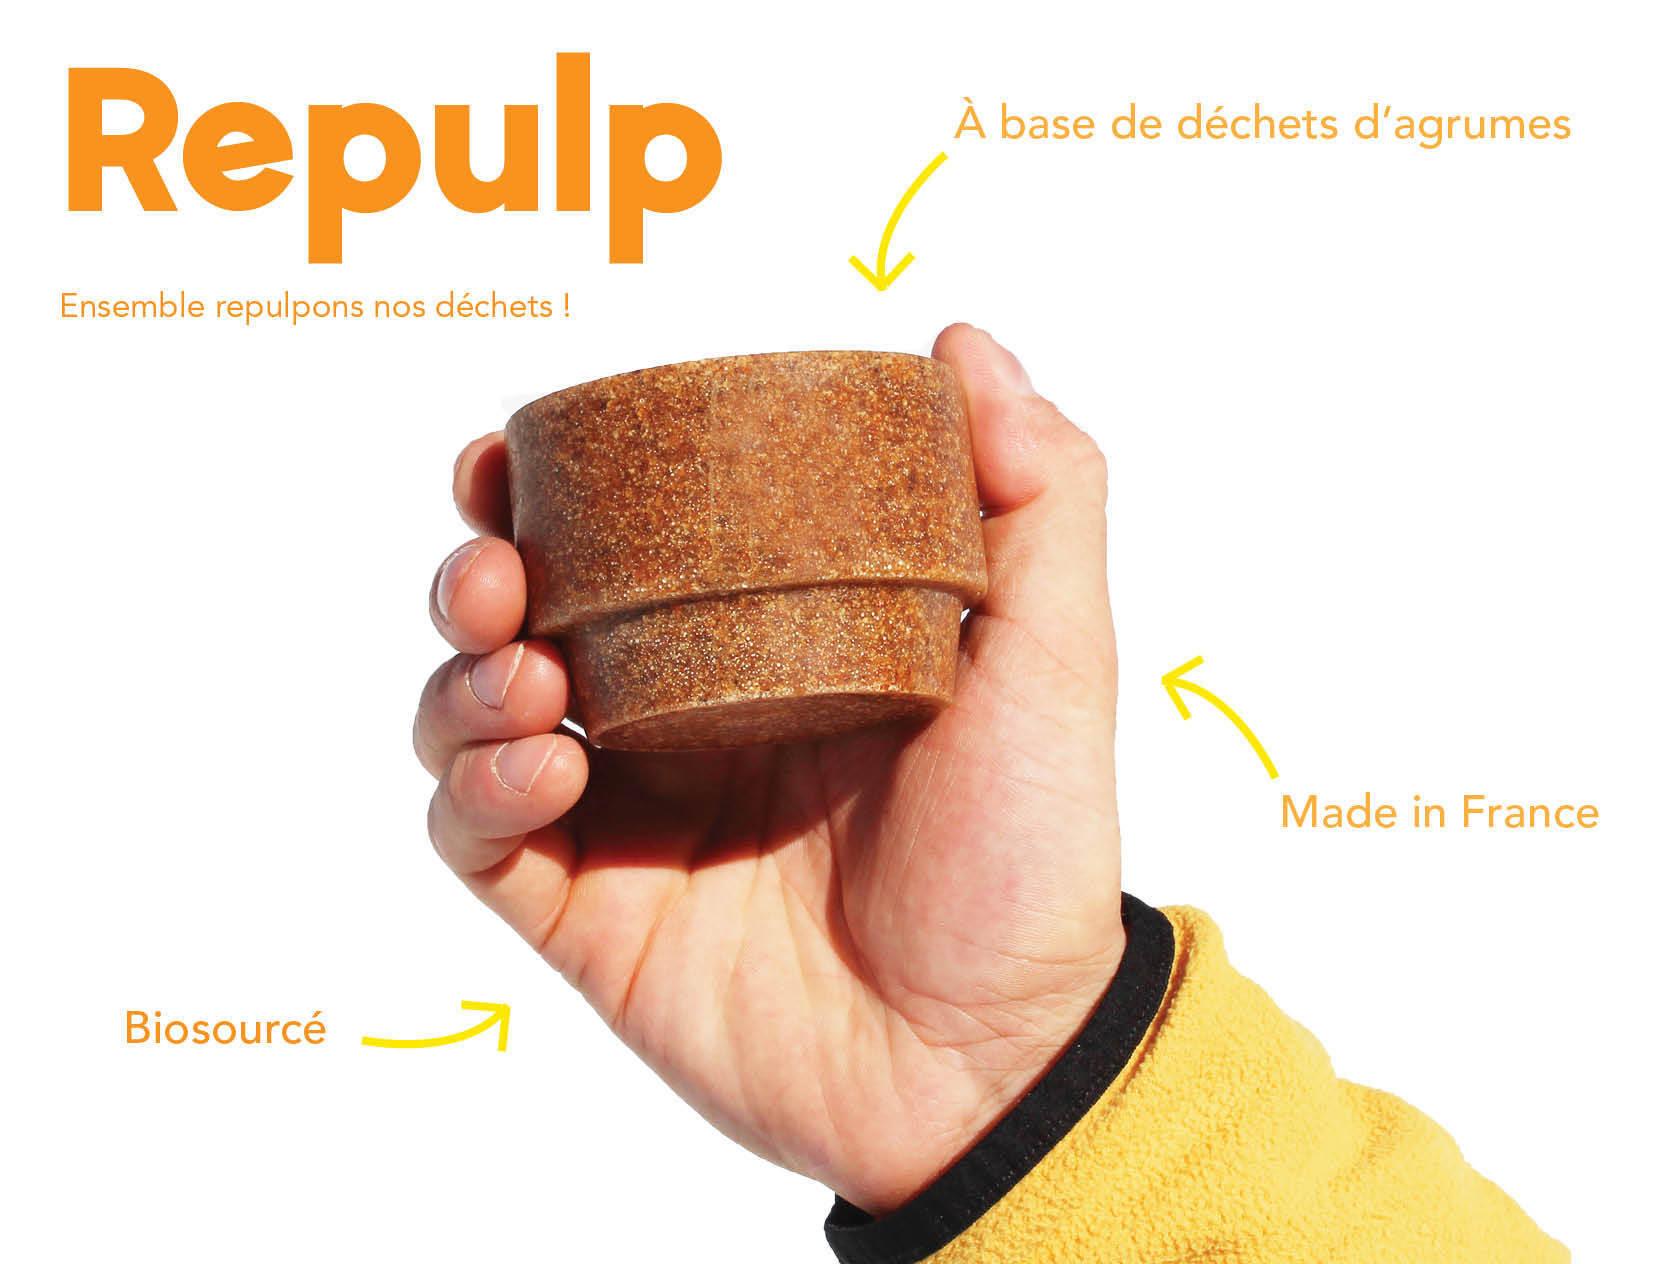 IMAGE KKB 1 1583150455 - Repulp, un nouveau matériau partir de déchets d'agrumes